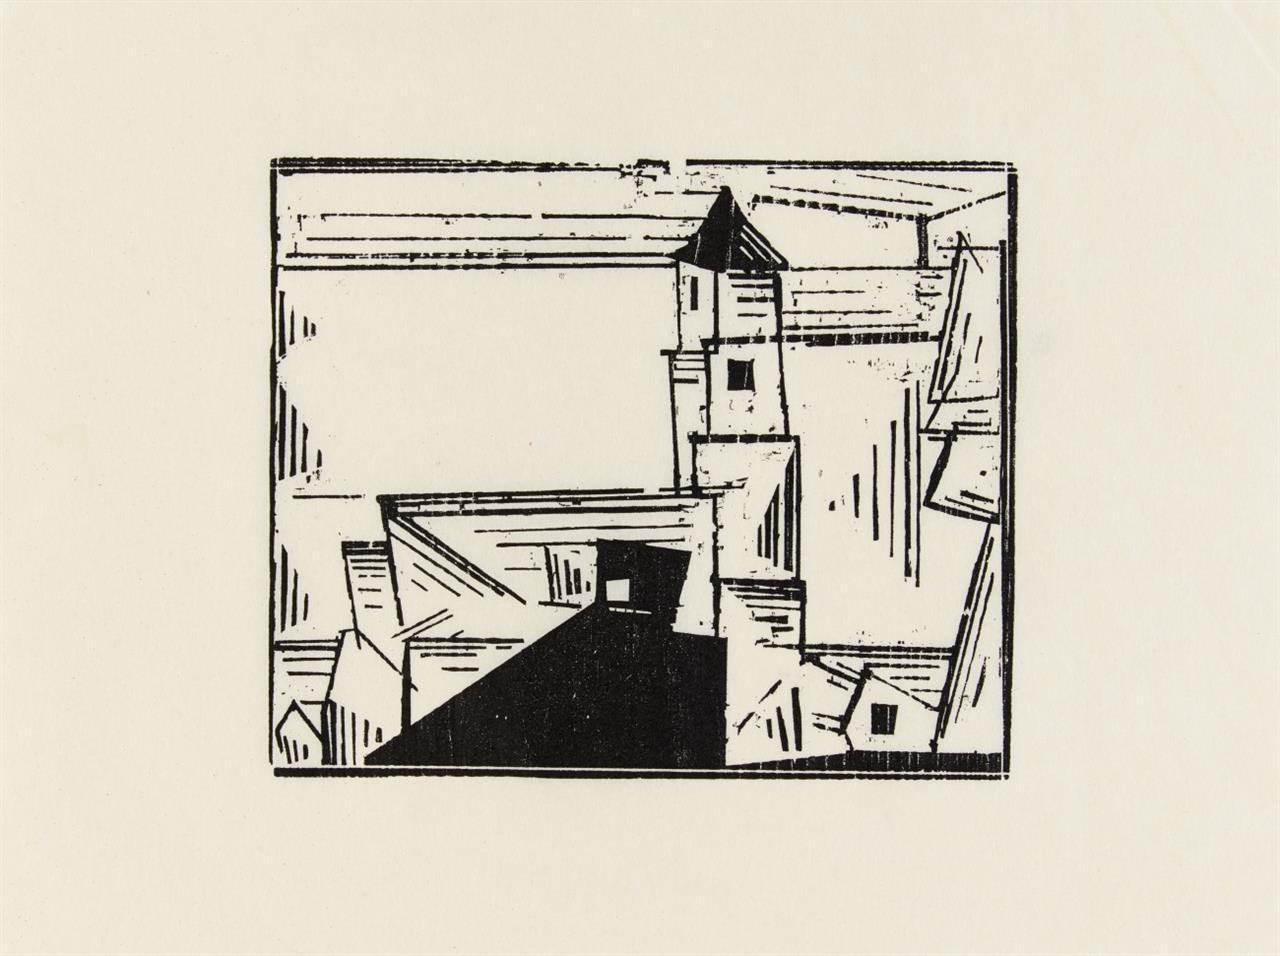 Lyonel Feininger. Gelbe Dorfkirche 3. 1931 (1978). Holzschnitt. Griffelkunst.